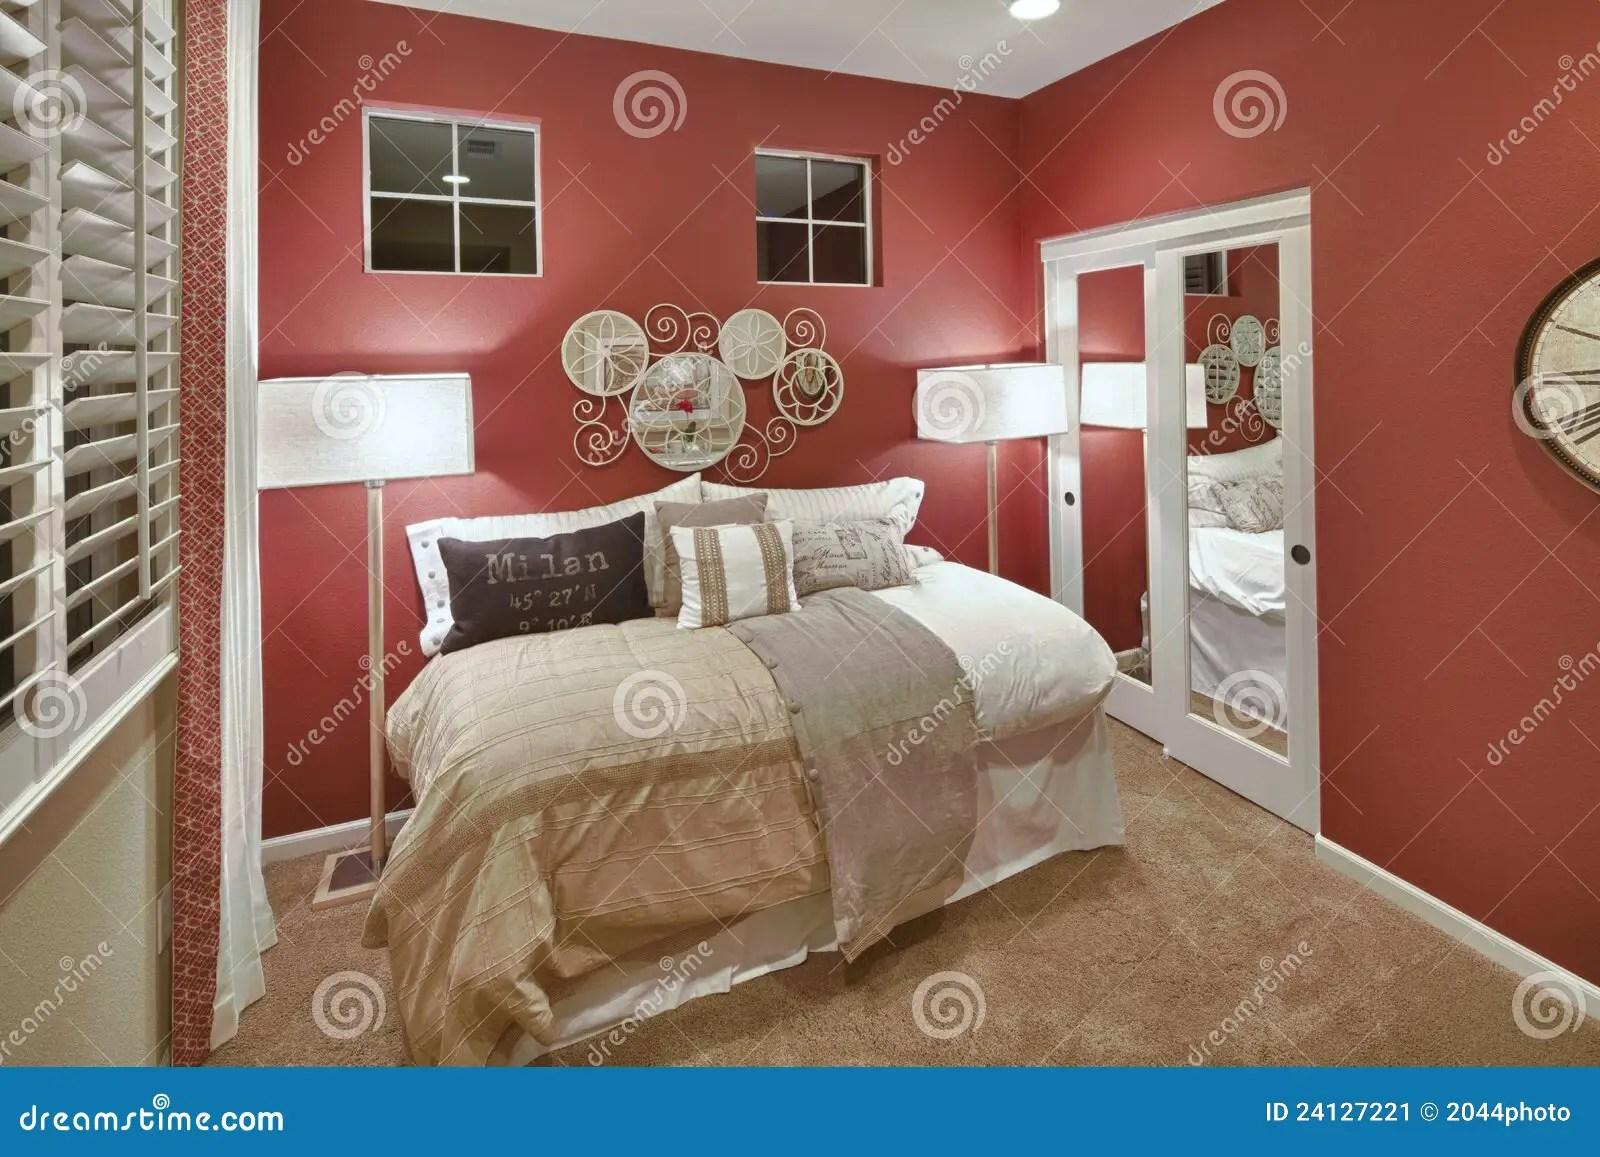 Pareti Camera Da Letto Rossa : Tinte pareti camera da letto errori d arredo come scegliere il